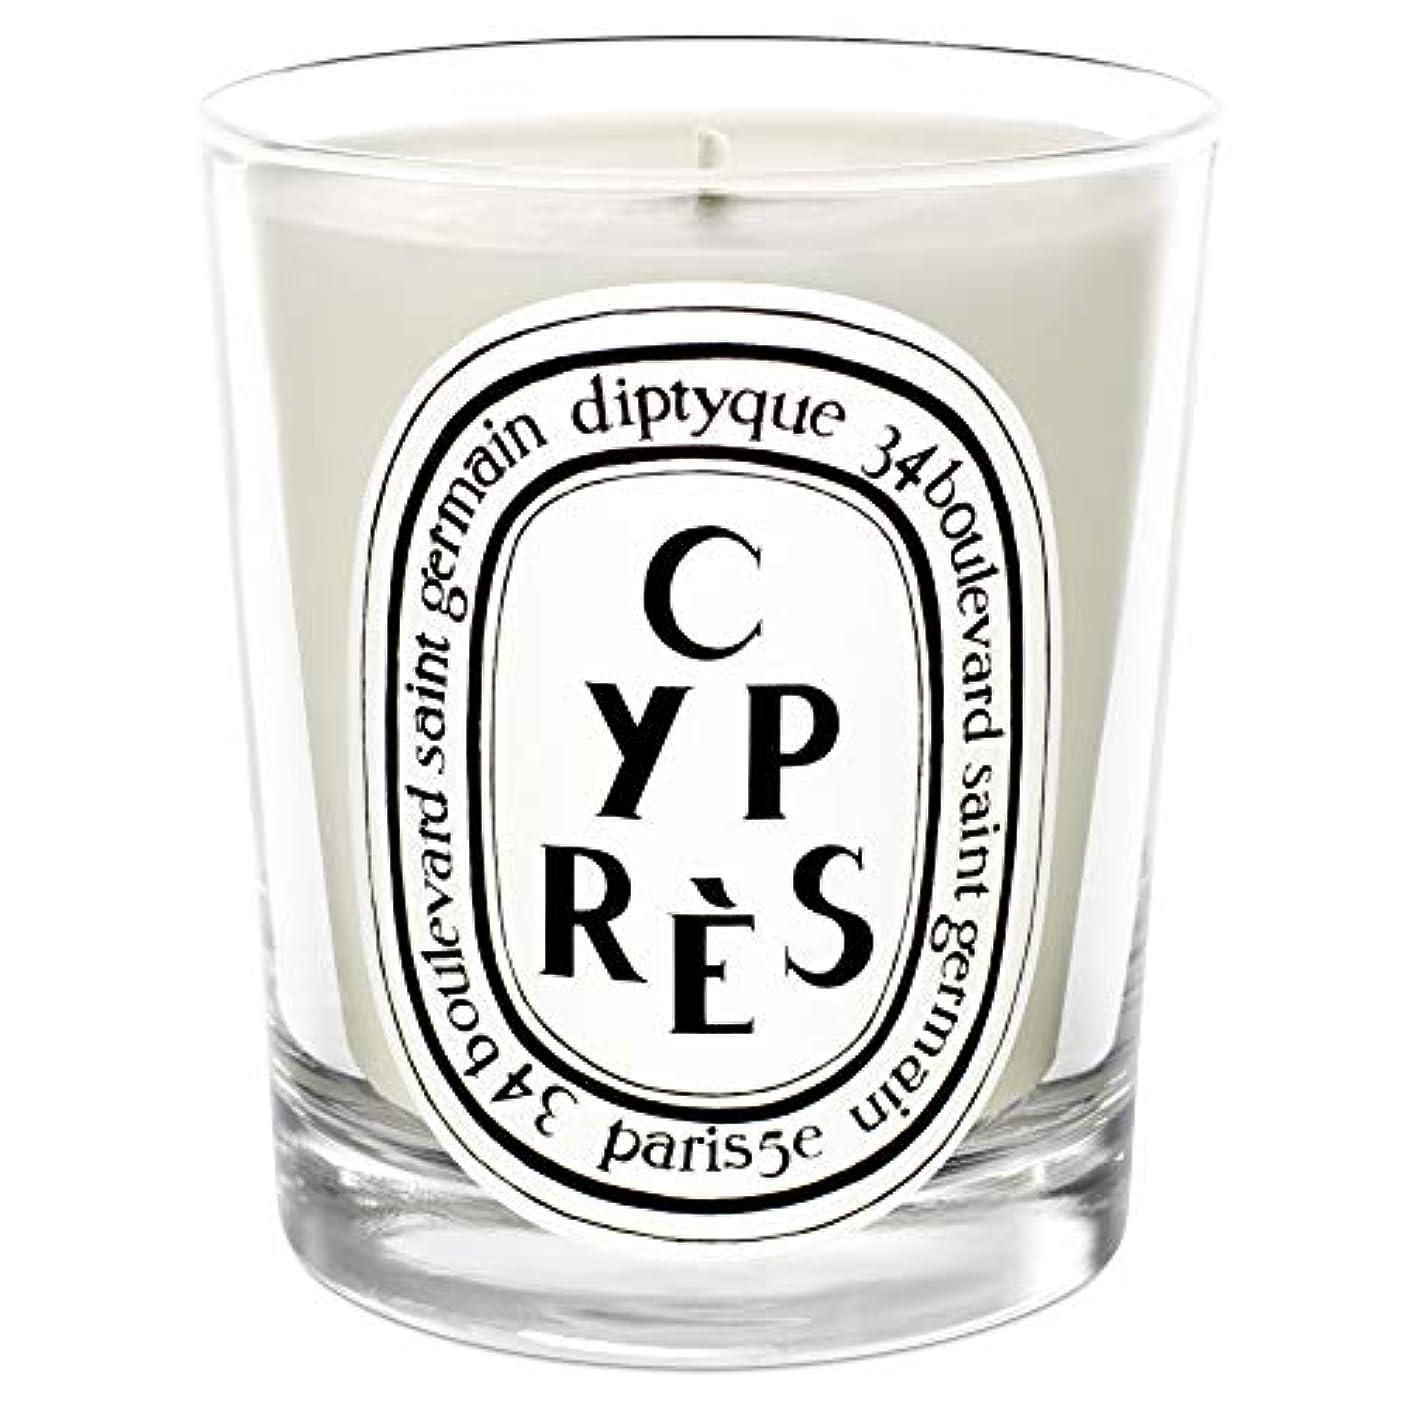 より平らな力強いやがて[Diptyque] DiptyqueのCypr?s香りのキャンドル190グラム - Diptyque Cypr?s Scented Candle 190g [並行輸入品]